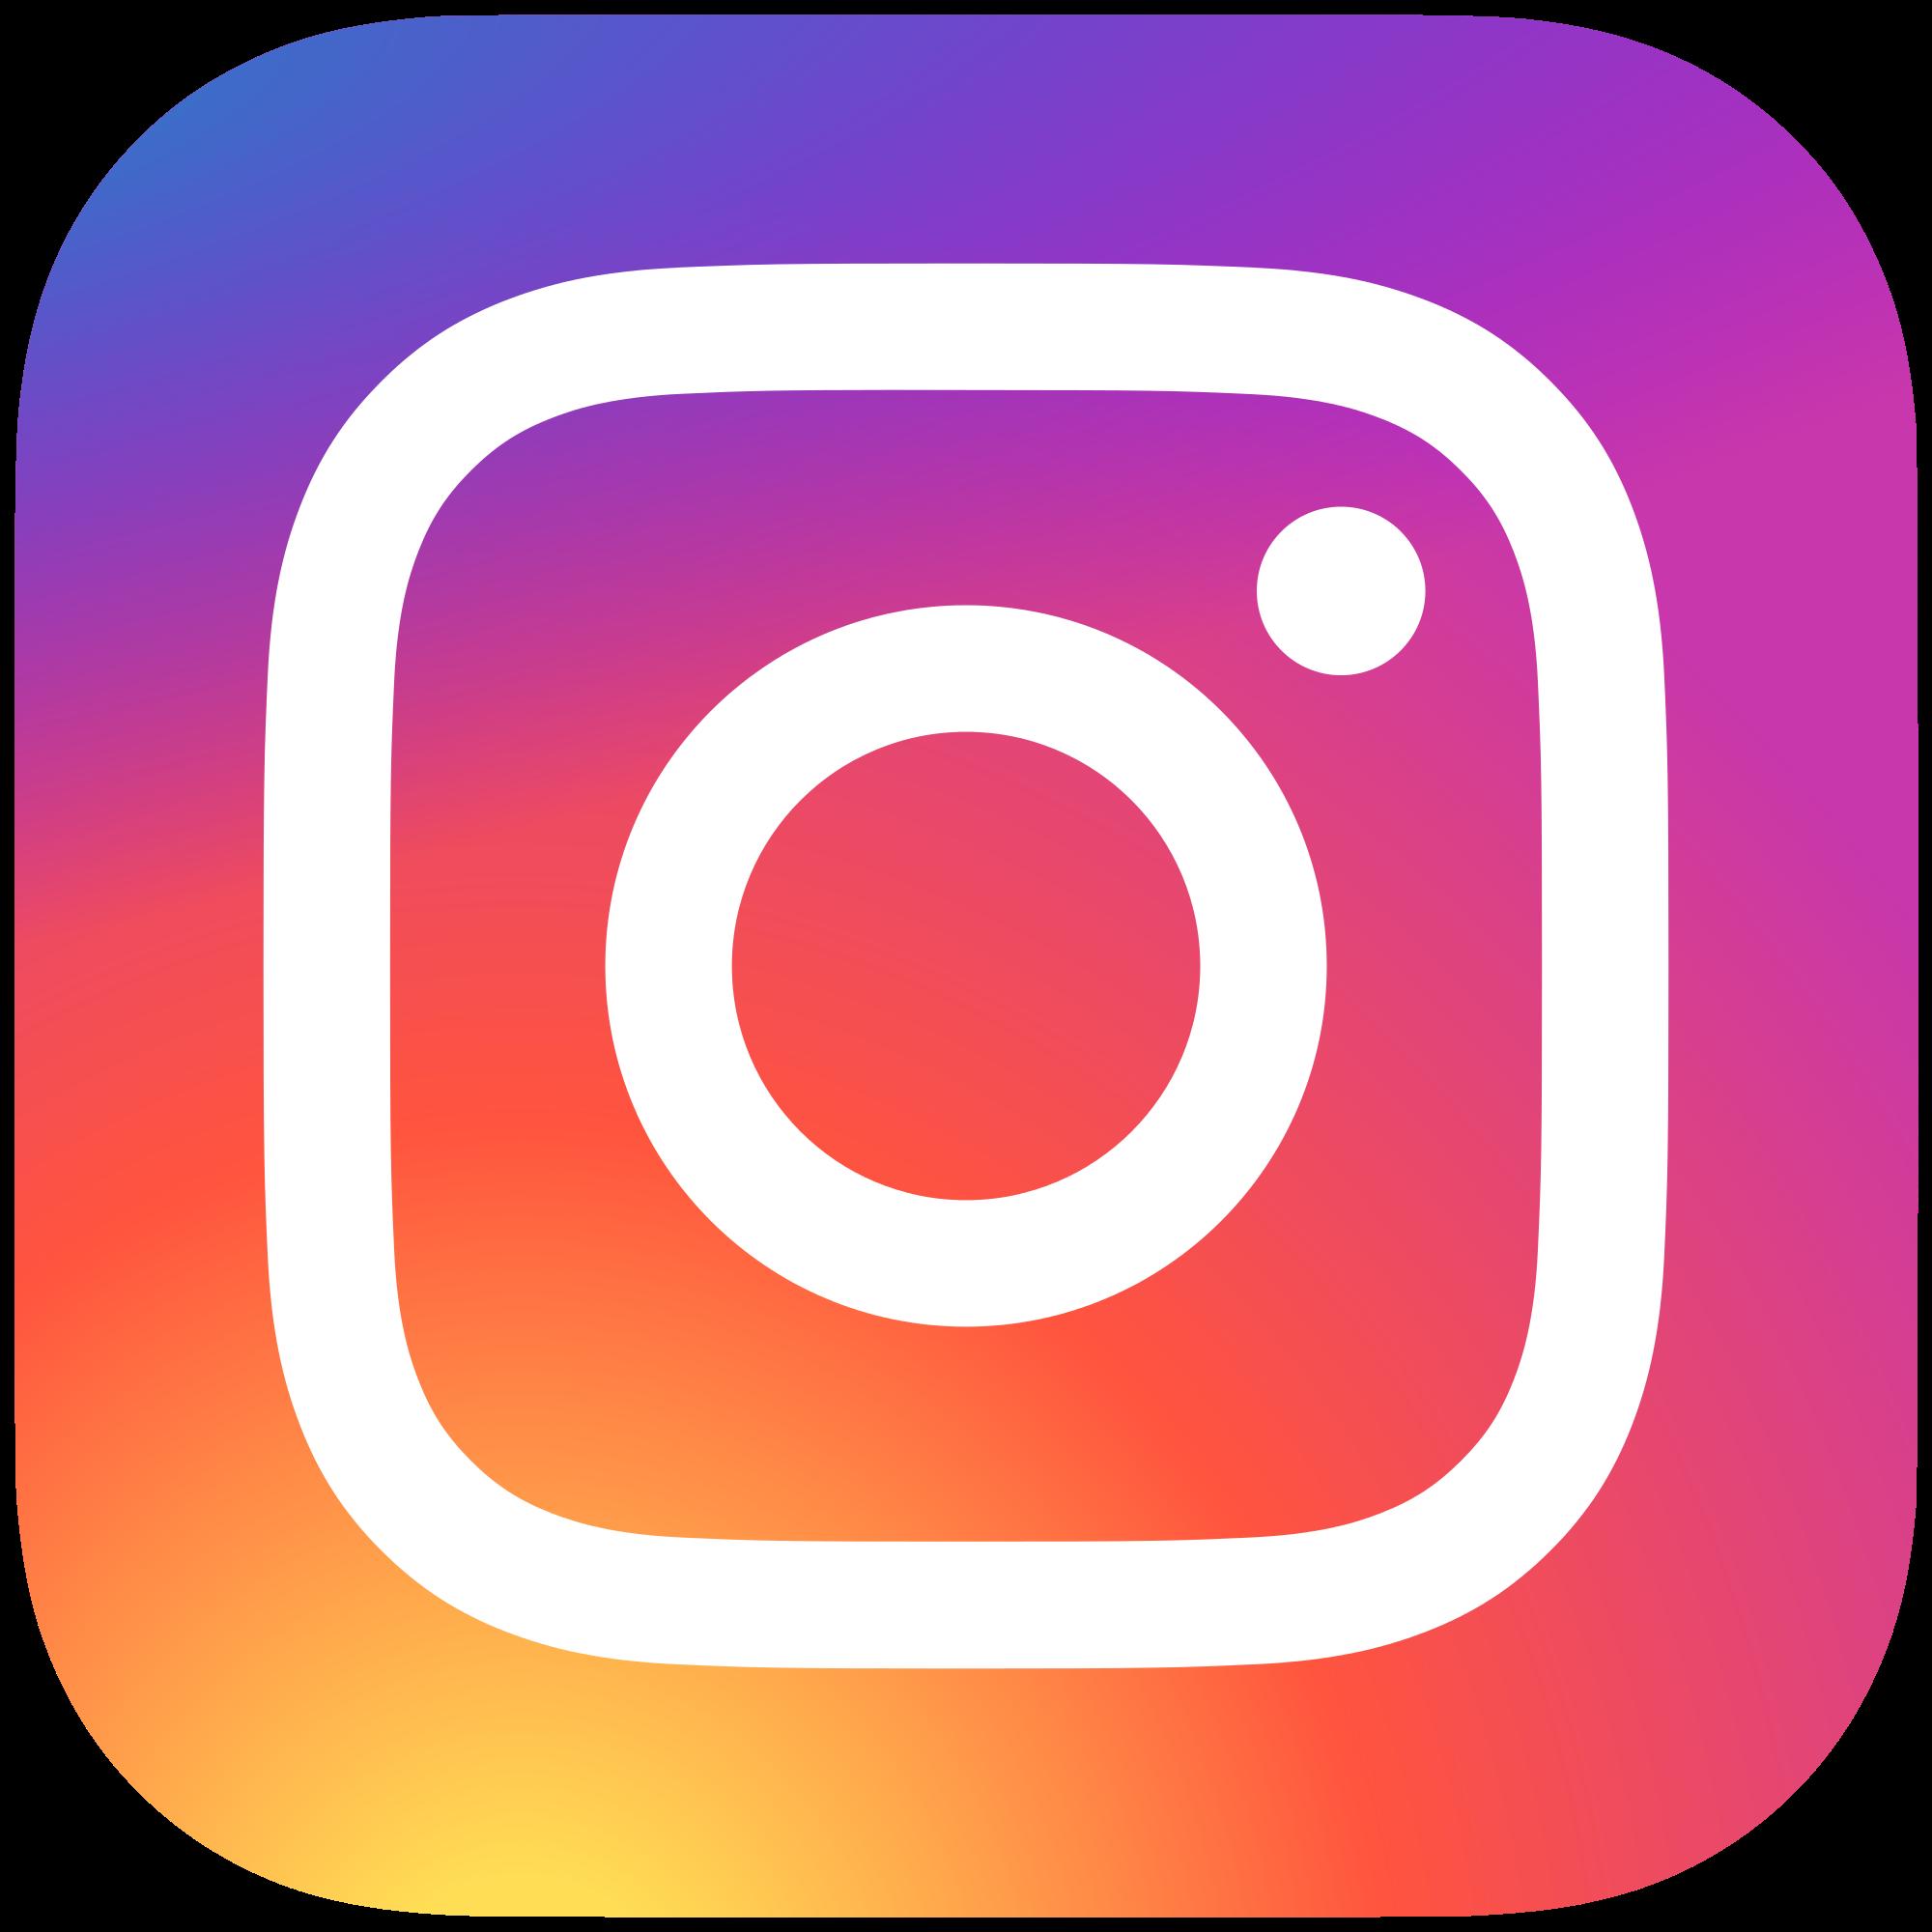 Instagram_logo_2016-svg.png